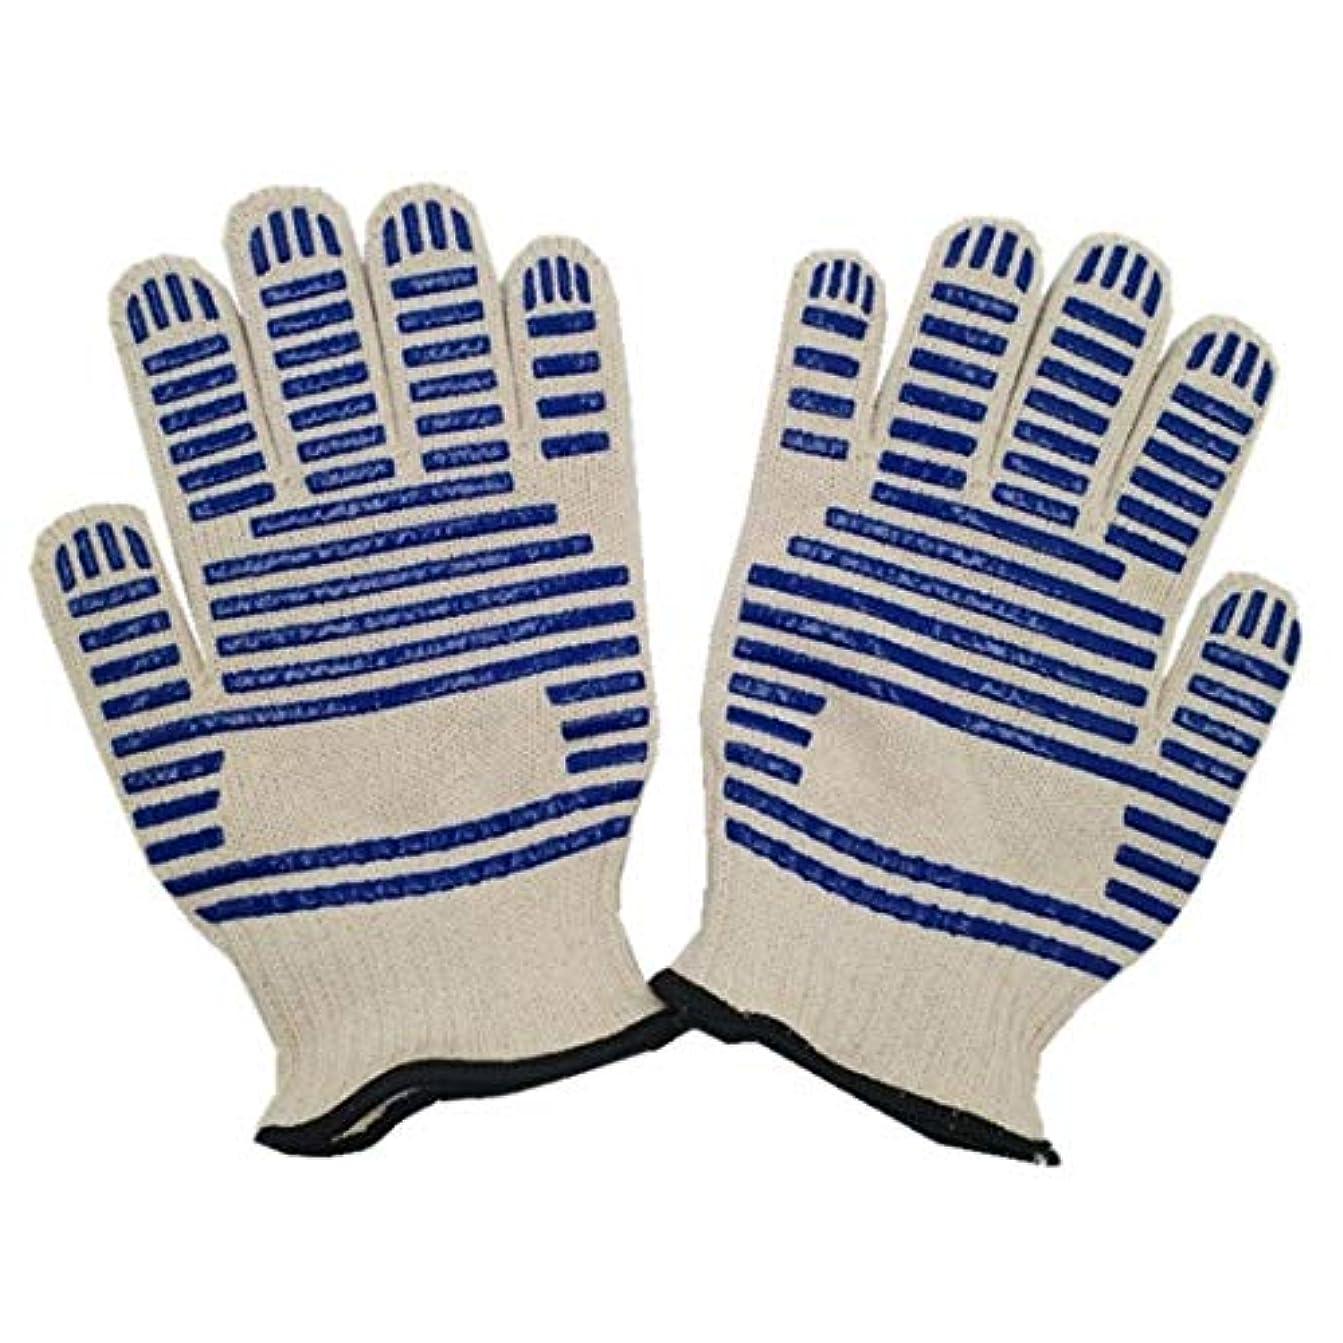 週末死傷者雑草Jiaoran 高温耐熱手袋、屋外キャンプ用手袋、ポリエステル/綿手袋